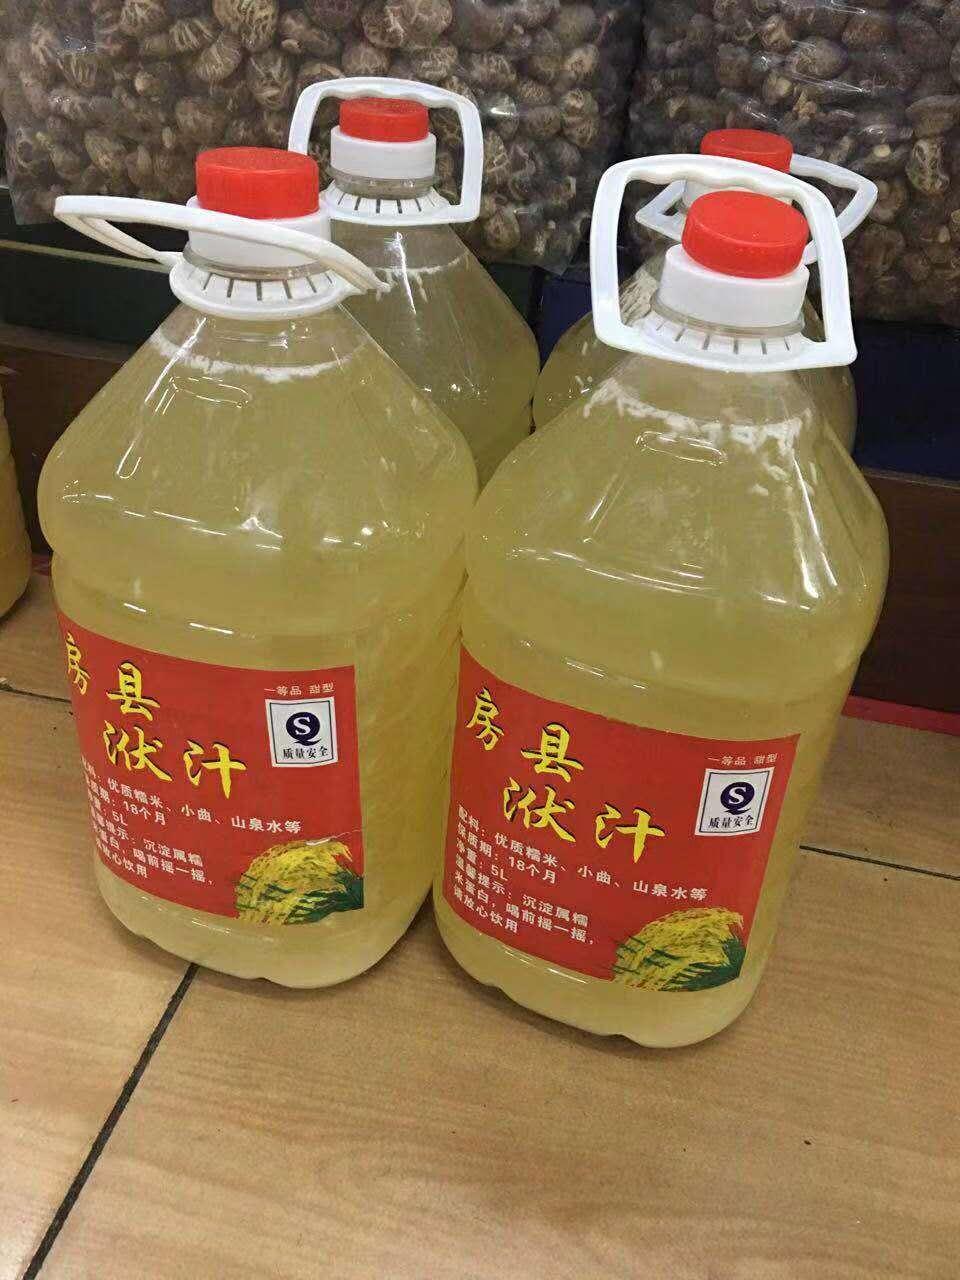 房县黄酒10斤装十堰黄